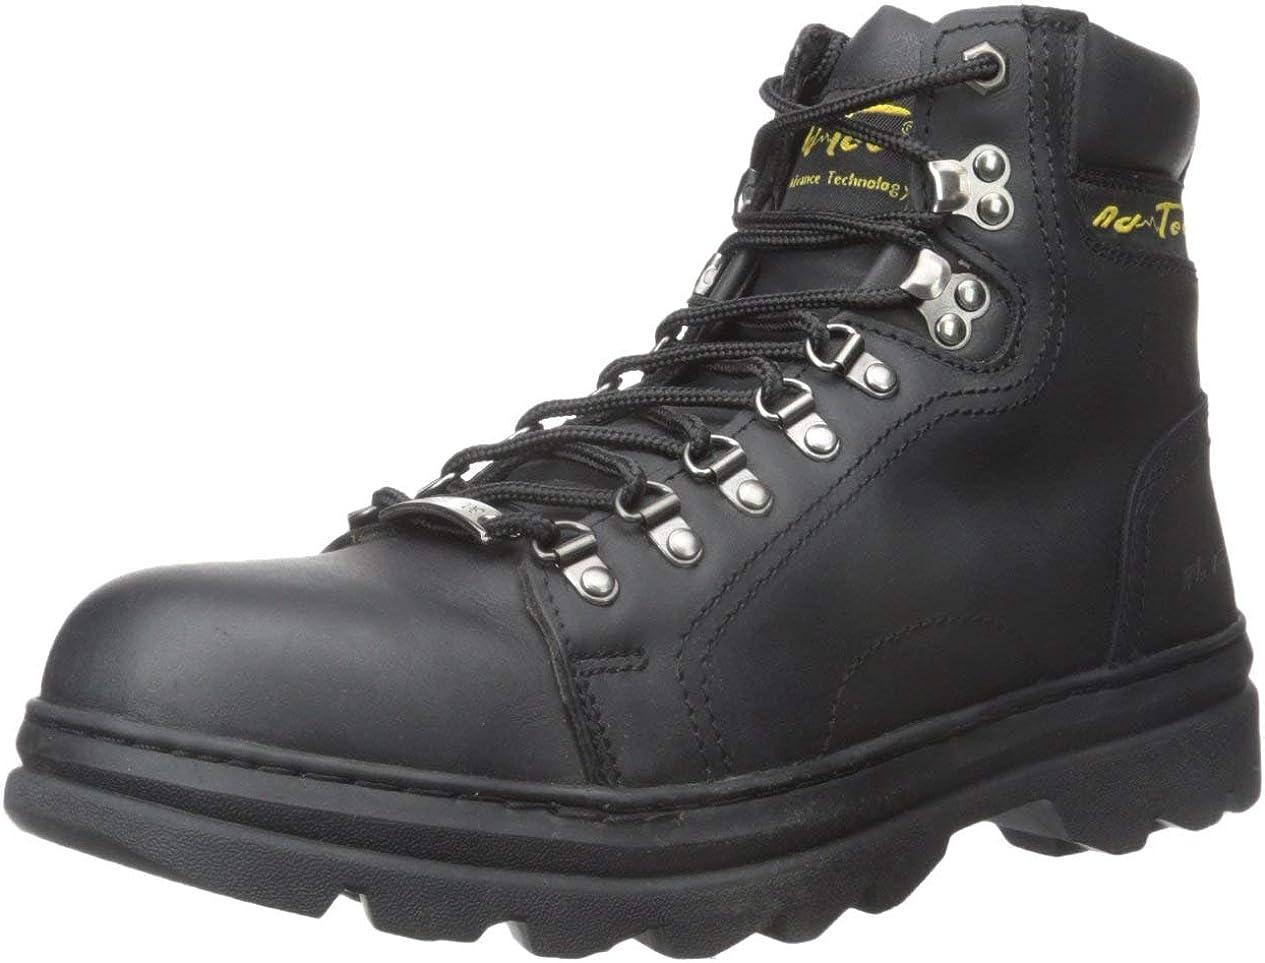 AdTec Men's 6 Inch Steel-Toe Work Hiking Boot